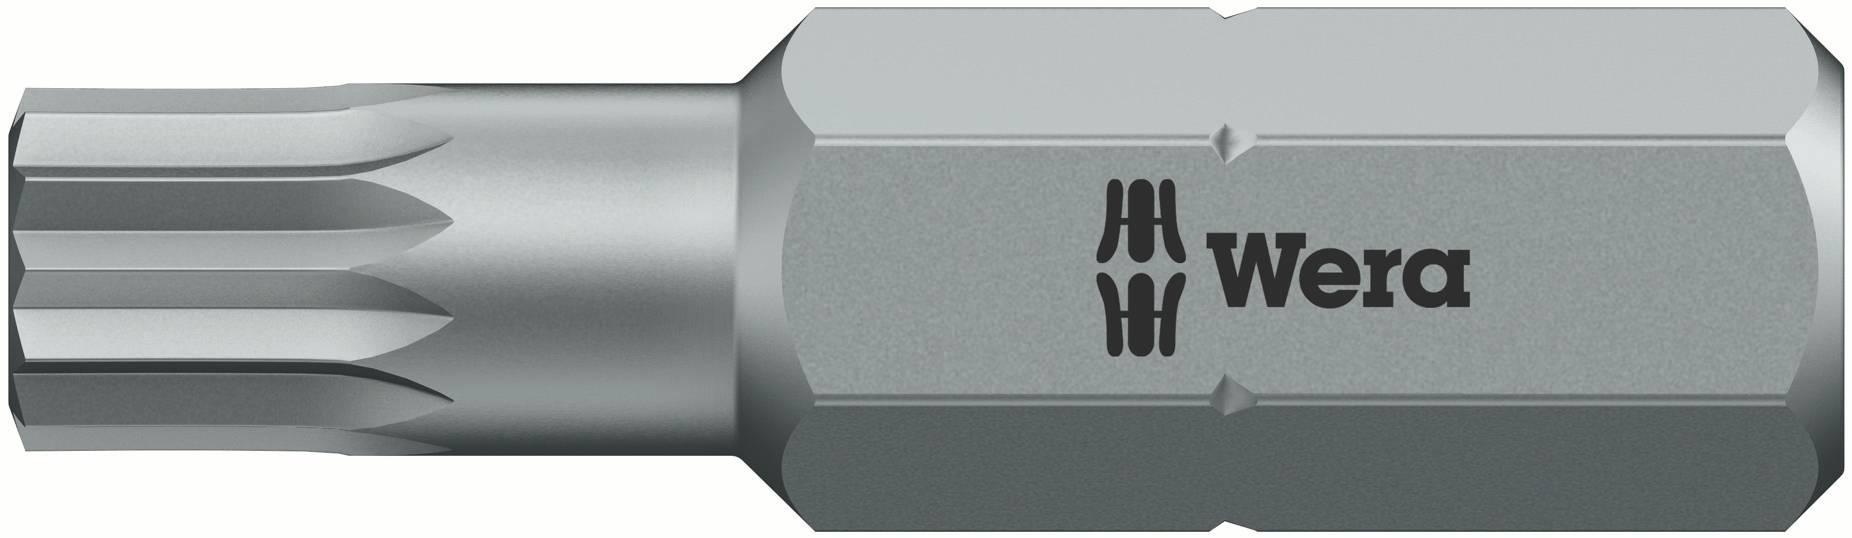 Torx-bit Wera 860/1 XZN M6 x 50 Værktøjsstål Legeret, slidstærk M6 D 6 3 1  stk